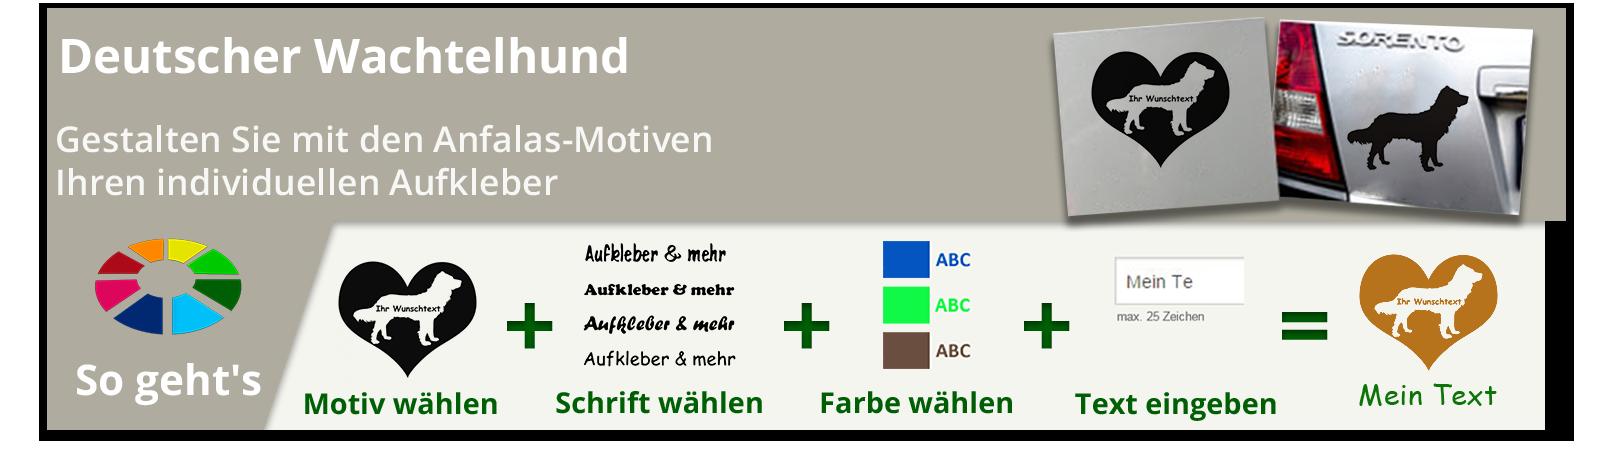 Deutscher Wachtelhund Bügelbilder